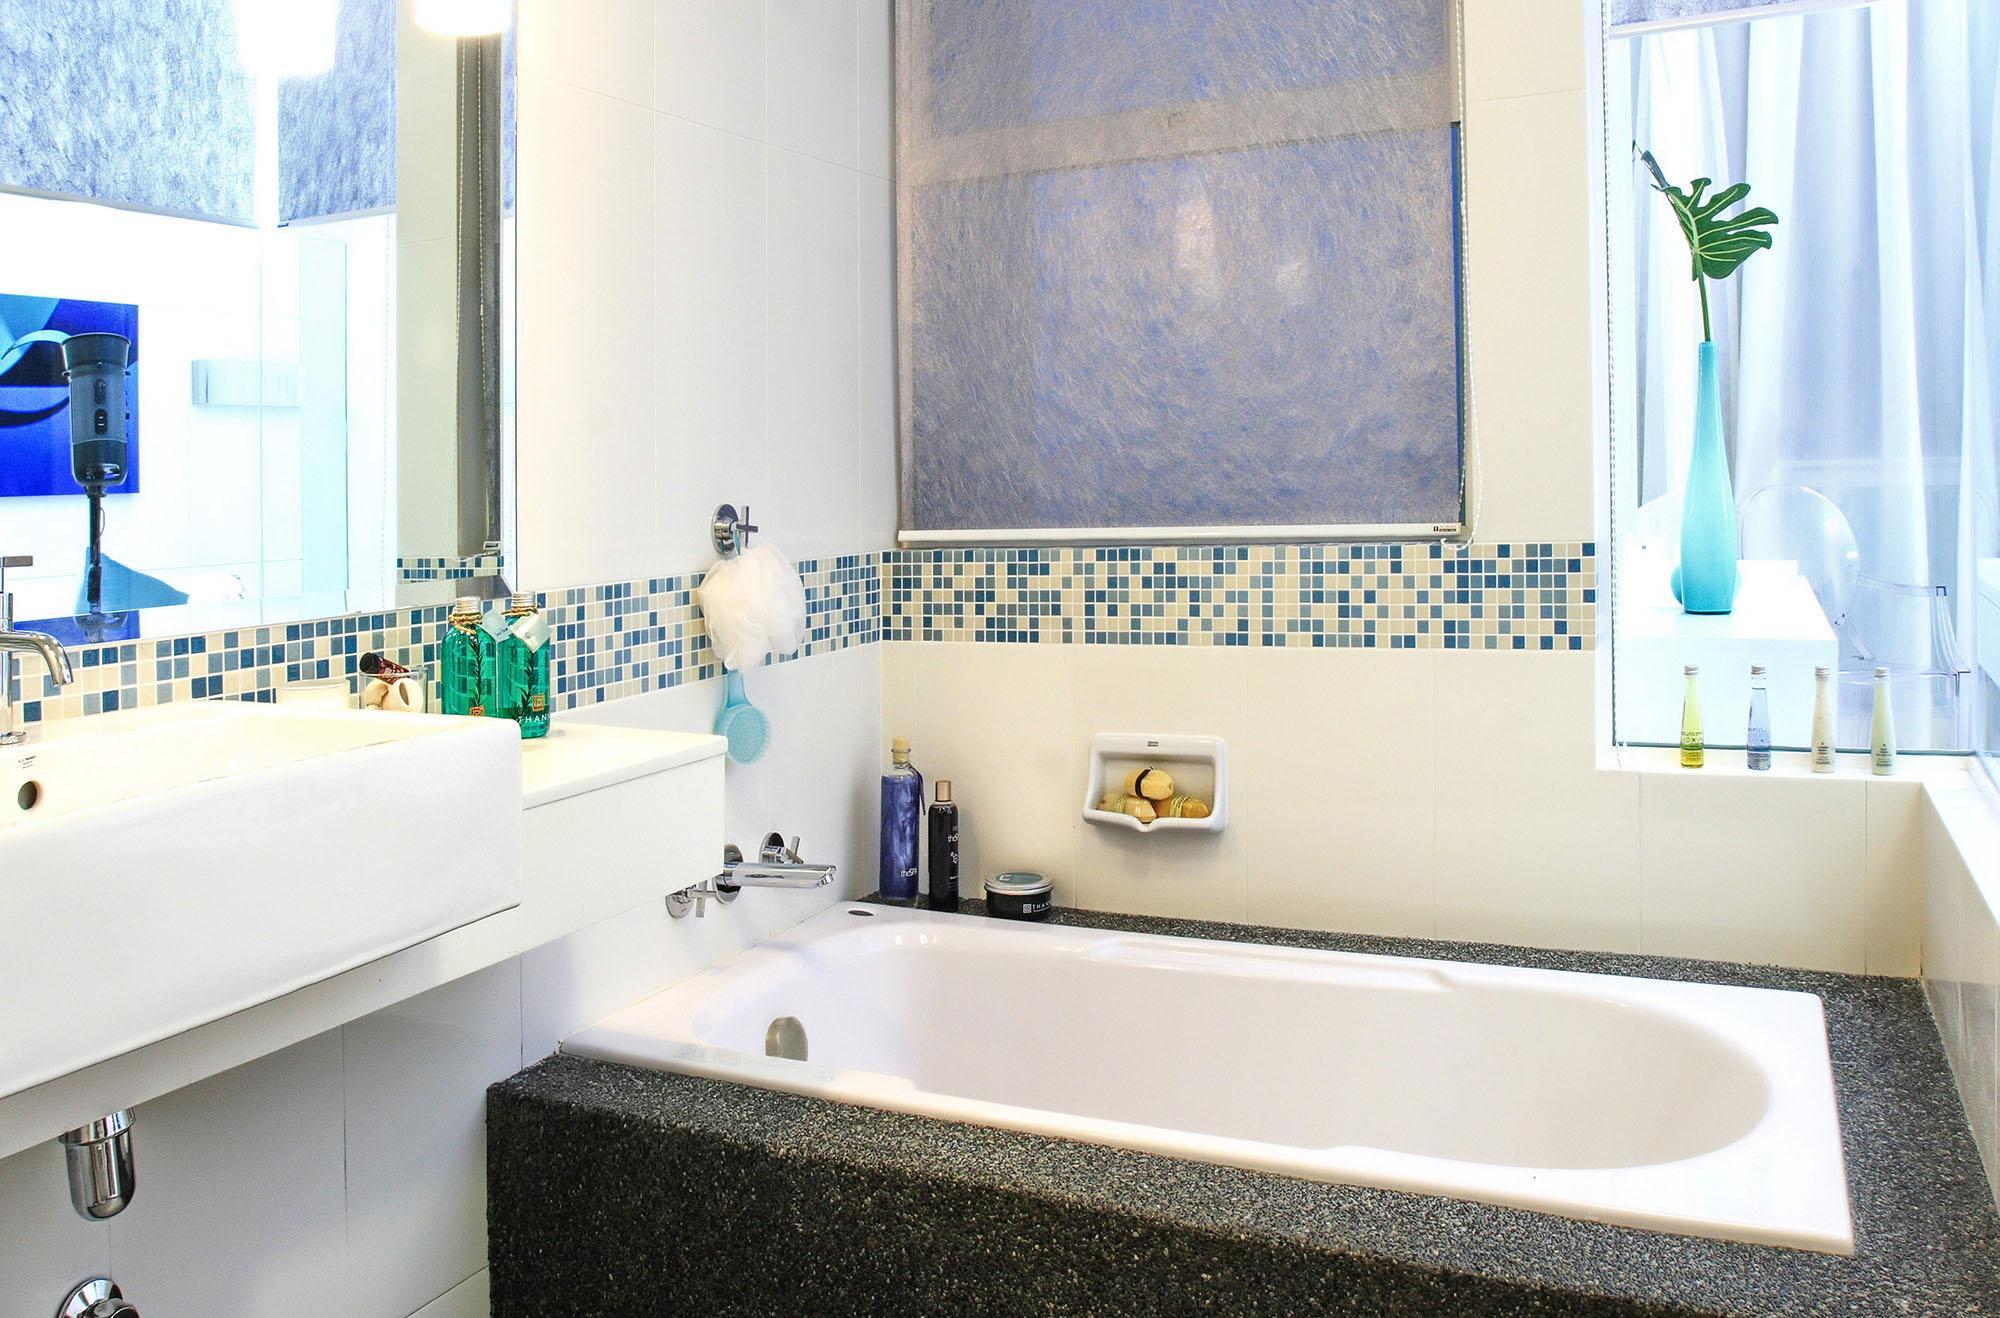 Мозаика и белая плитка в отделке ванной